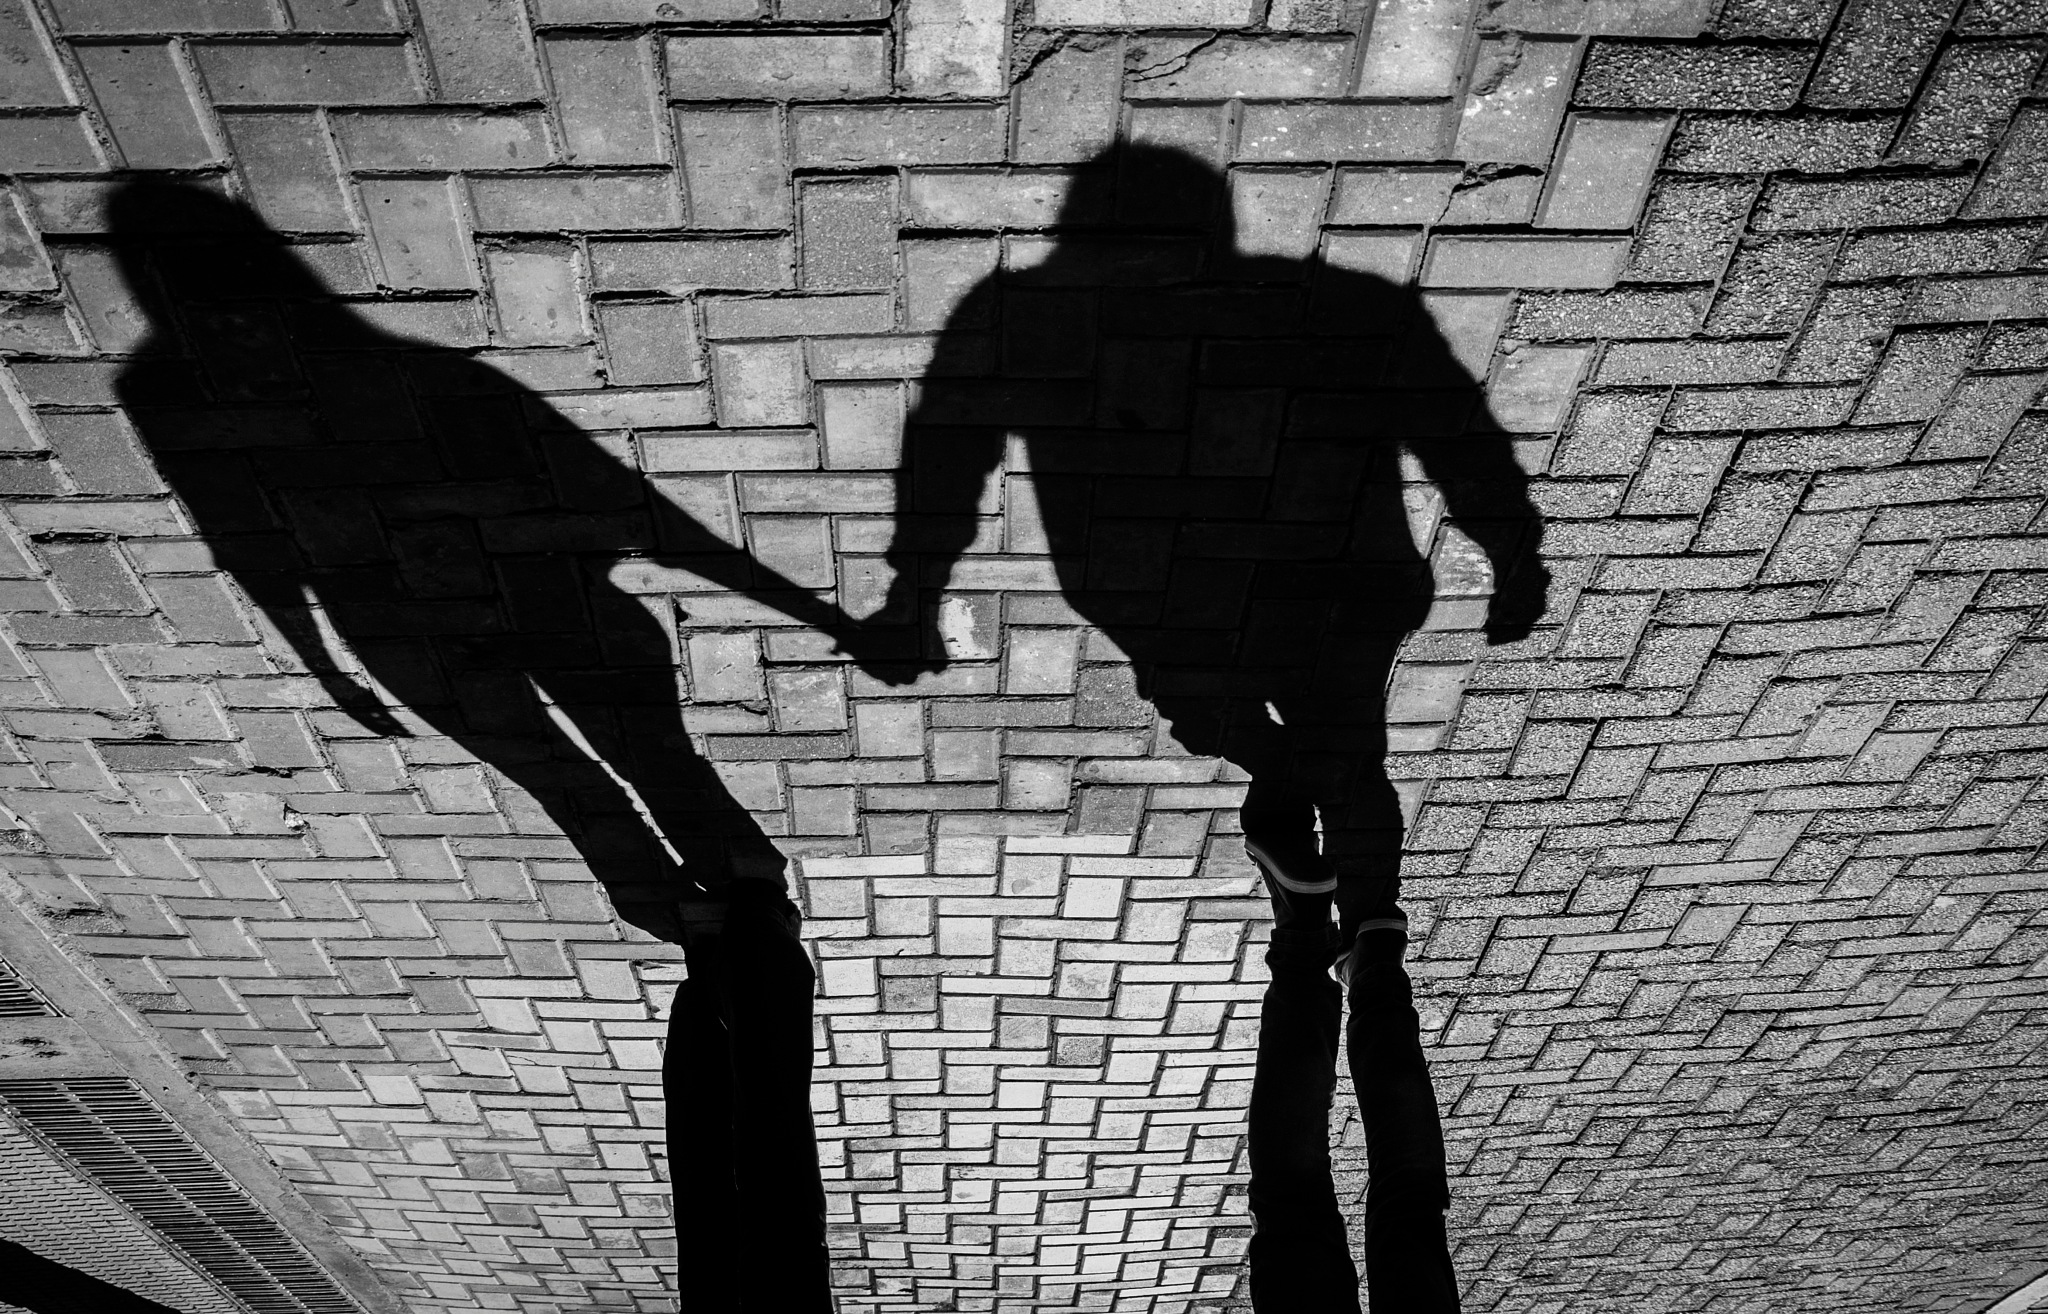 juntos en la luz y la ocuridad by Diego J. Chamadoira